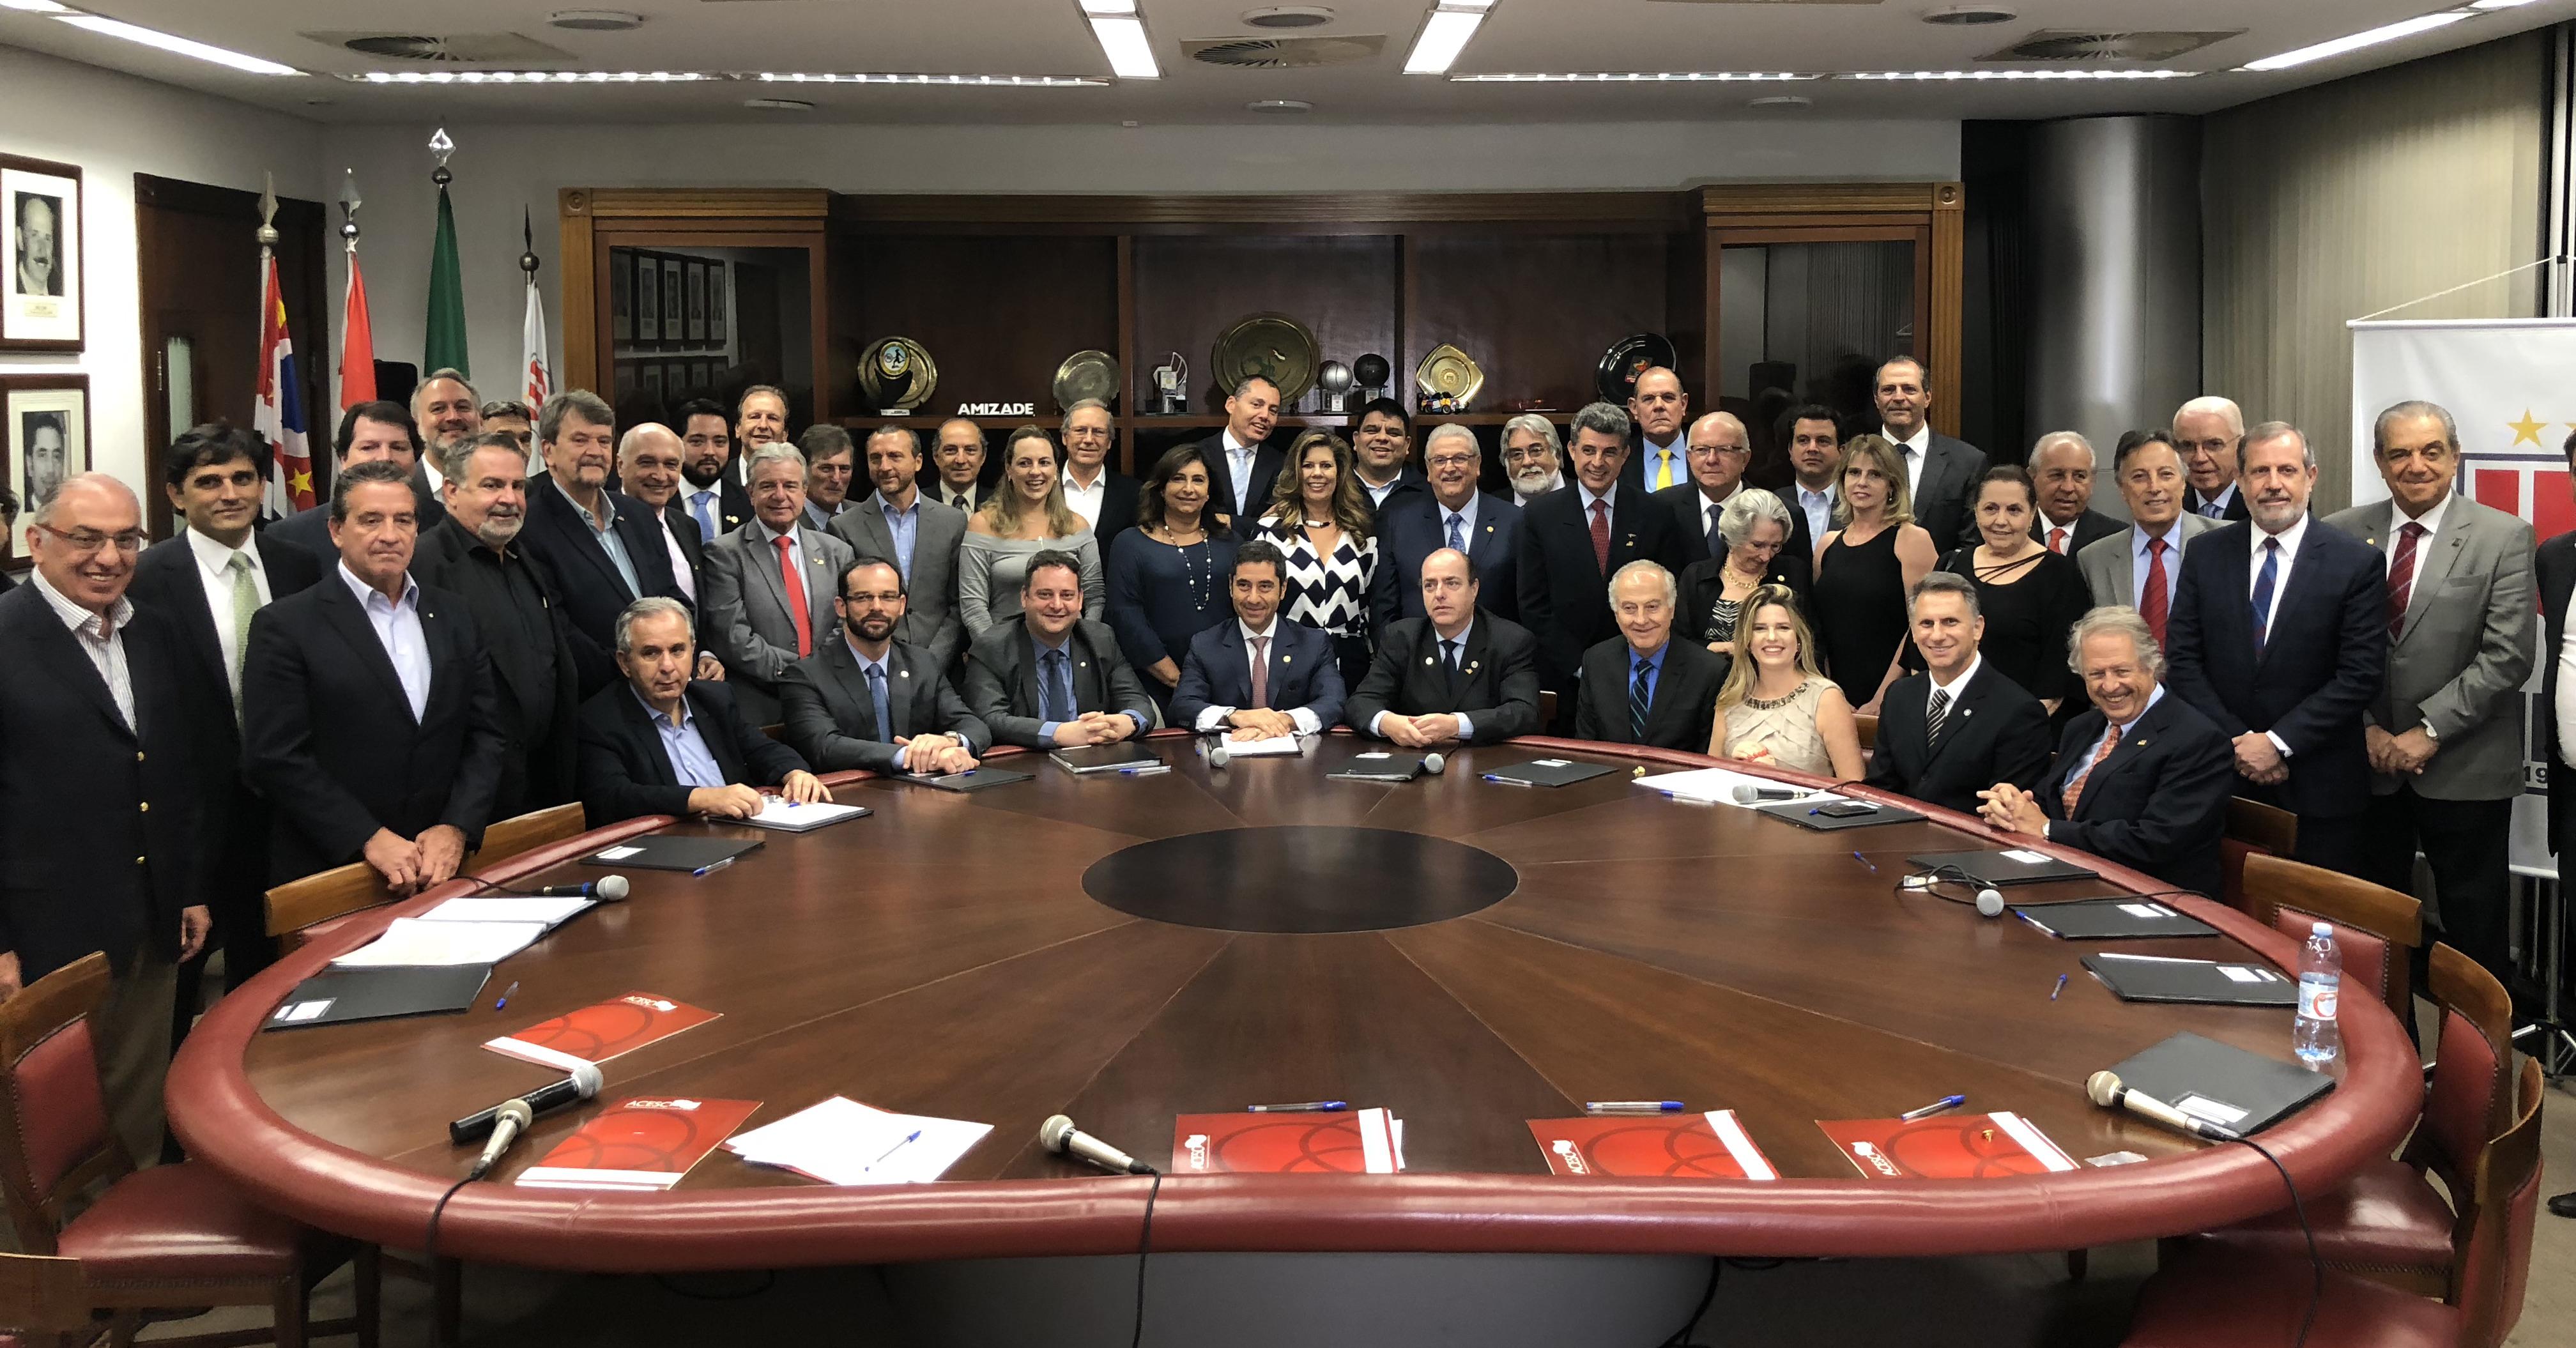 Club Transatlântico é o mais novo integrante da Associação de Clubes Esportivos e Sócio-Culturais de São Paulo (ACESC)